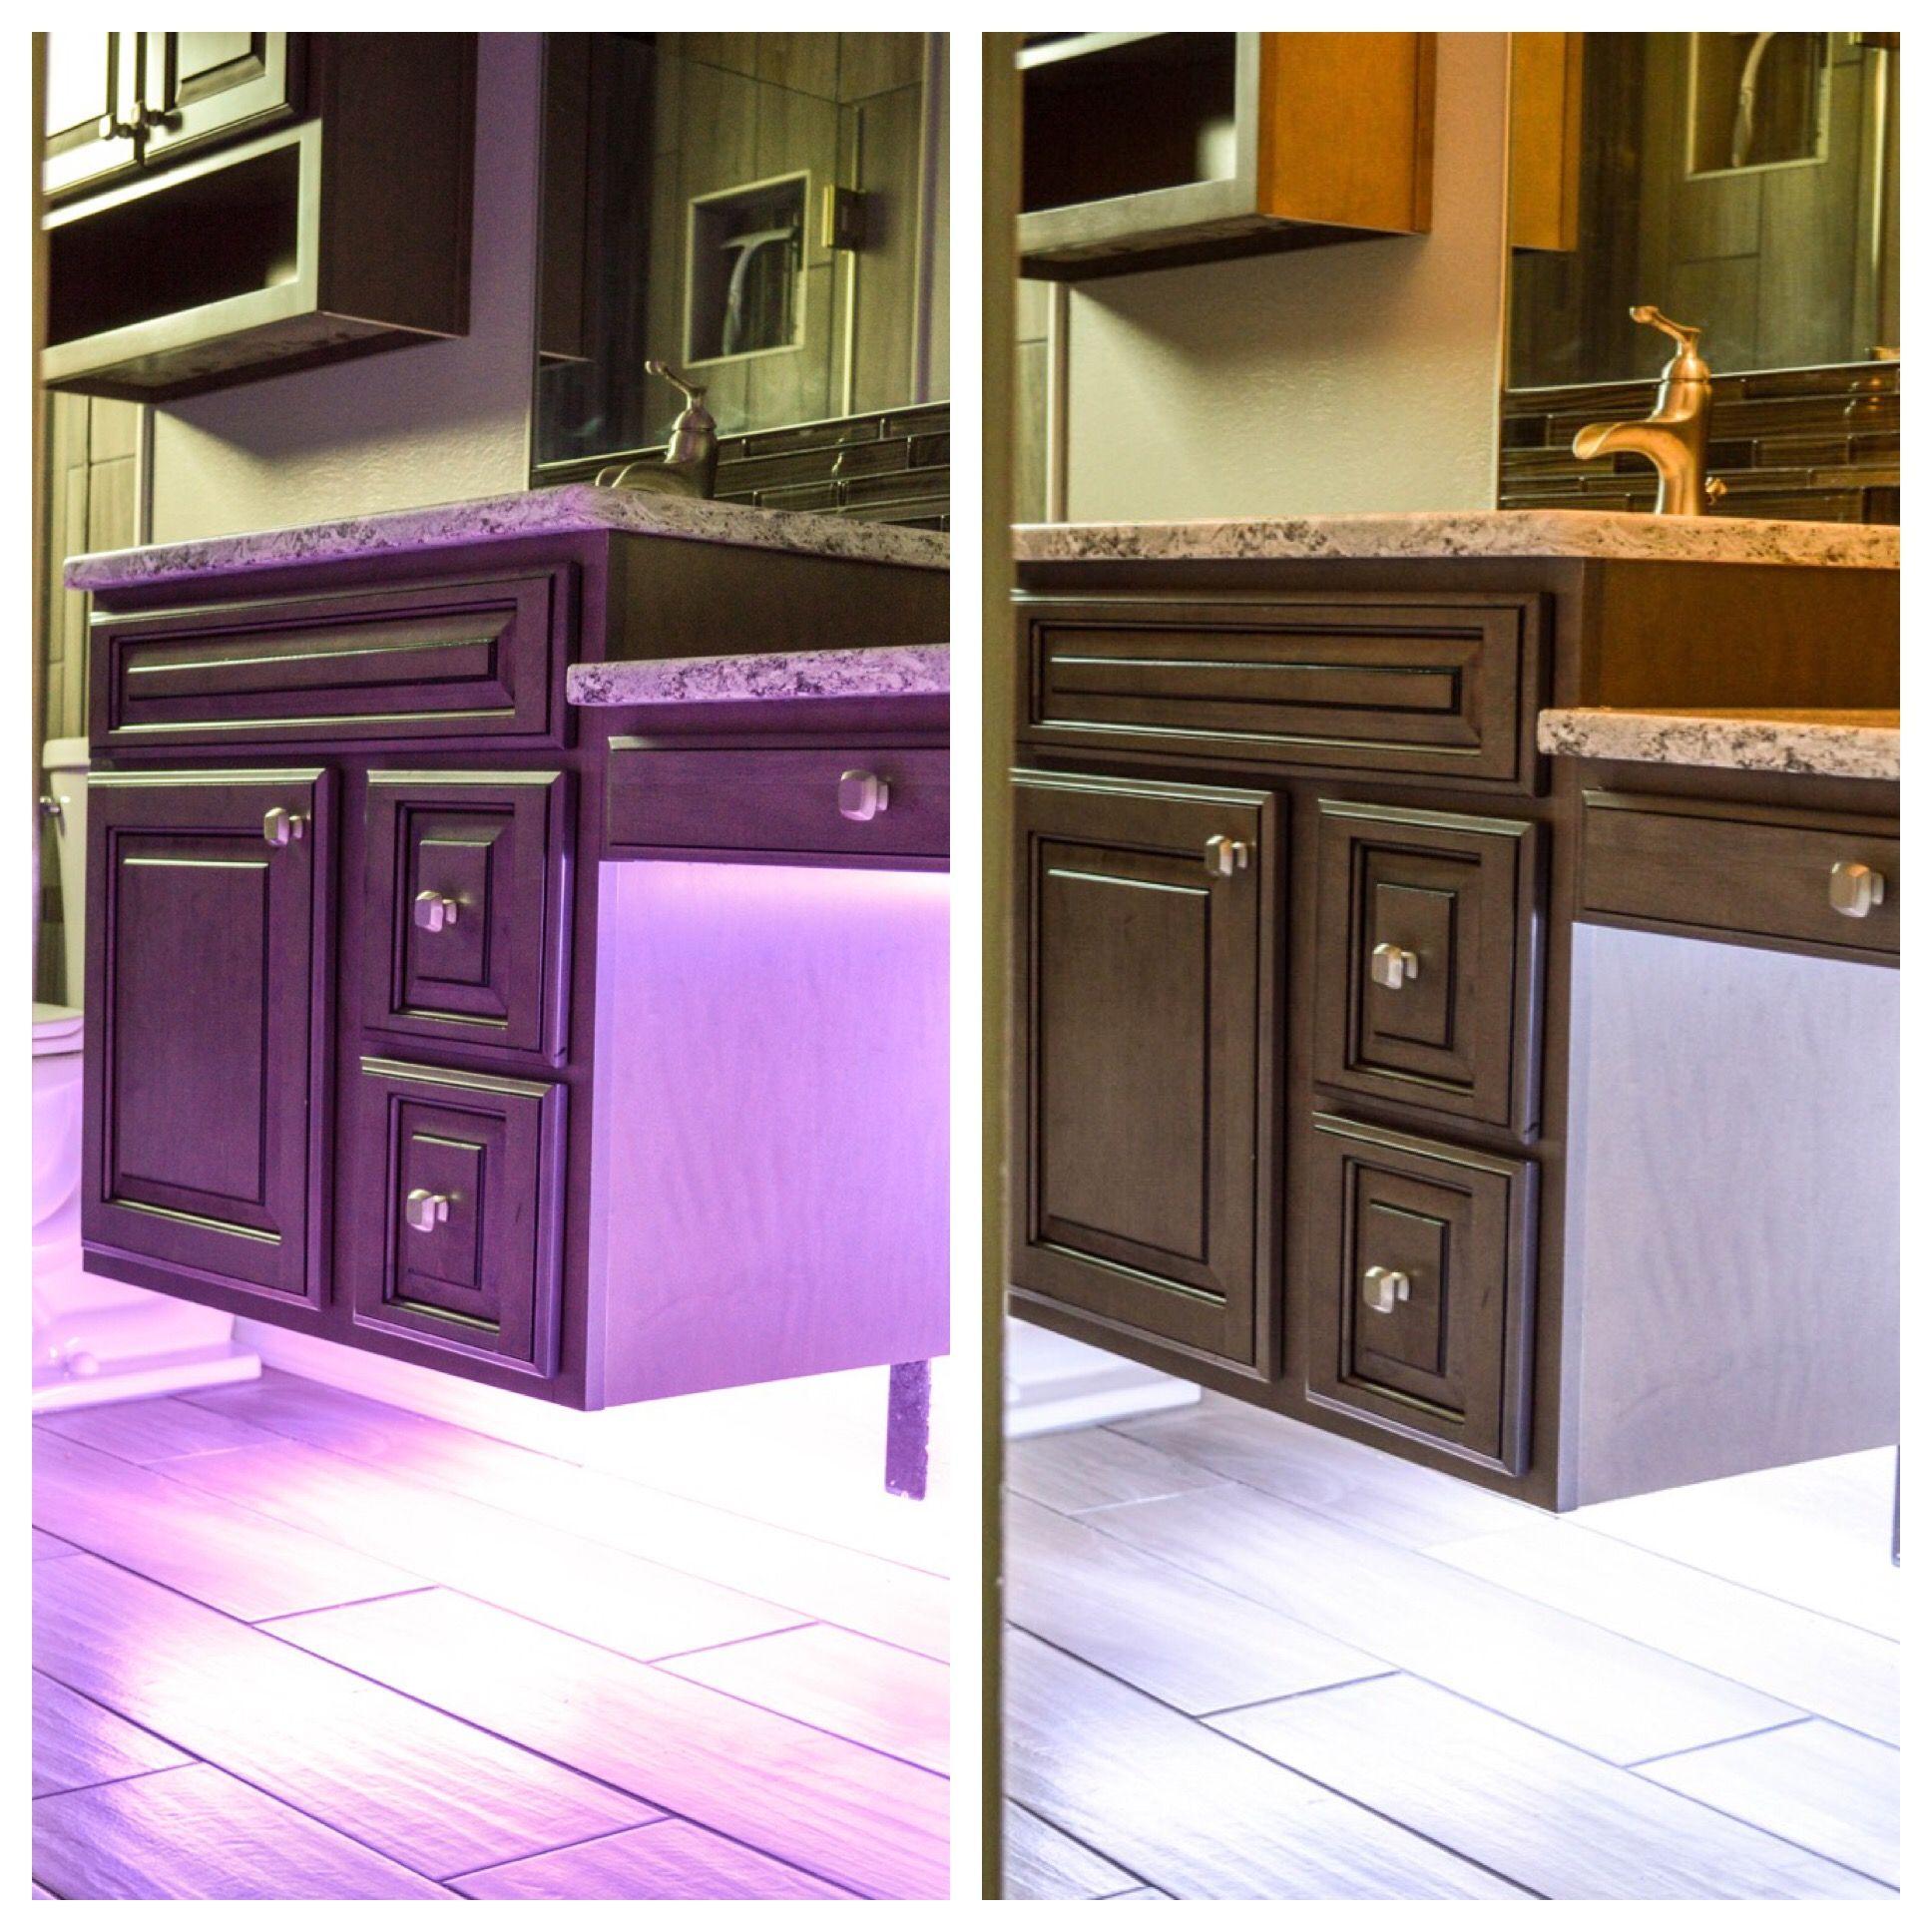 Floating cabinets, adjustable under-cabinet lighting, wood ...